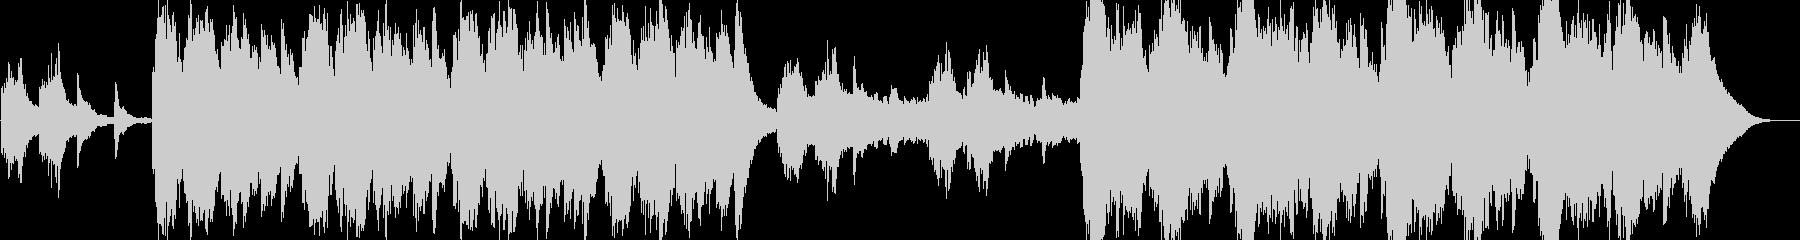 冷たく悲しいピアノのメロディの未再生の波形